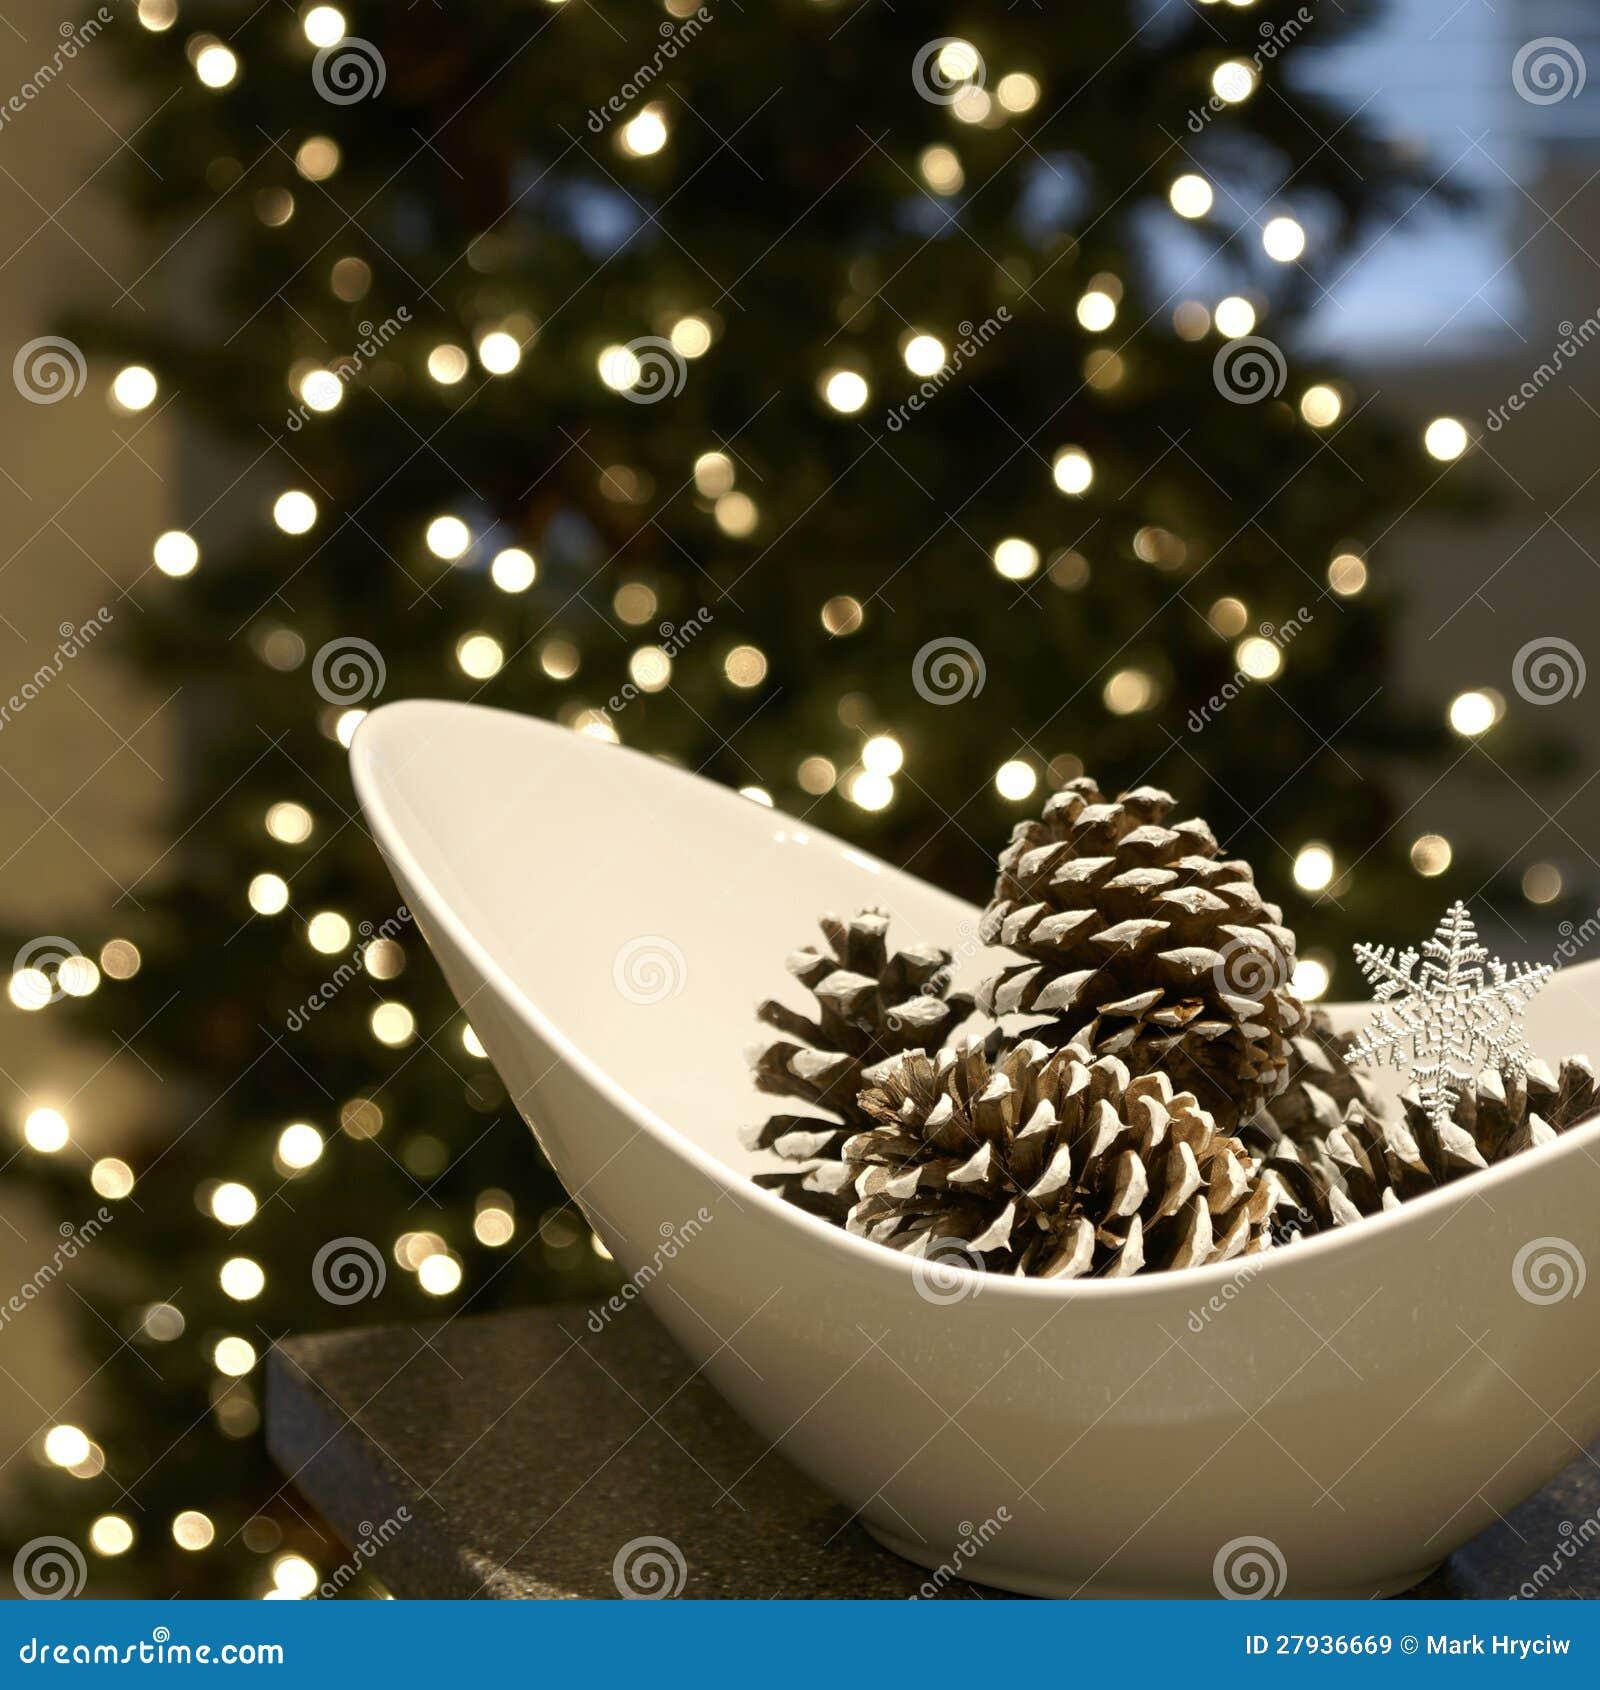 Decoraci n casera de la navidad imagen de archivo imagen - Decoracion de navidad casera ...